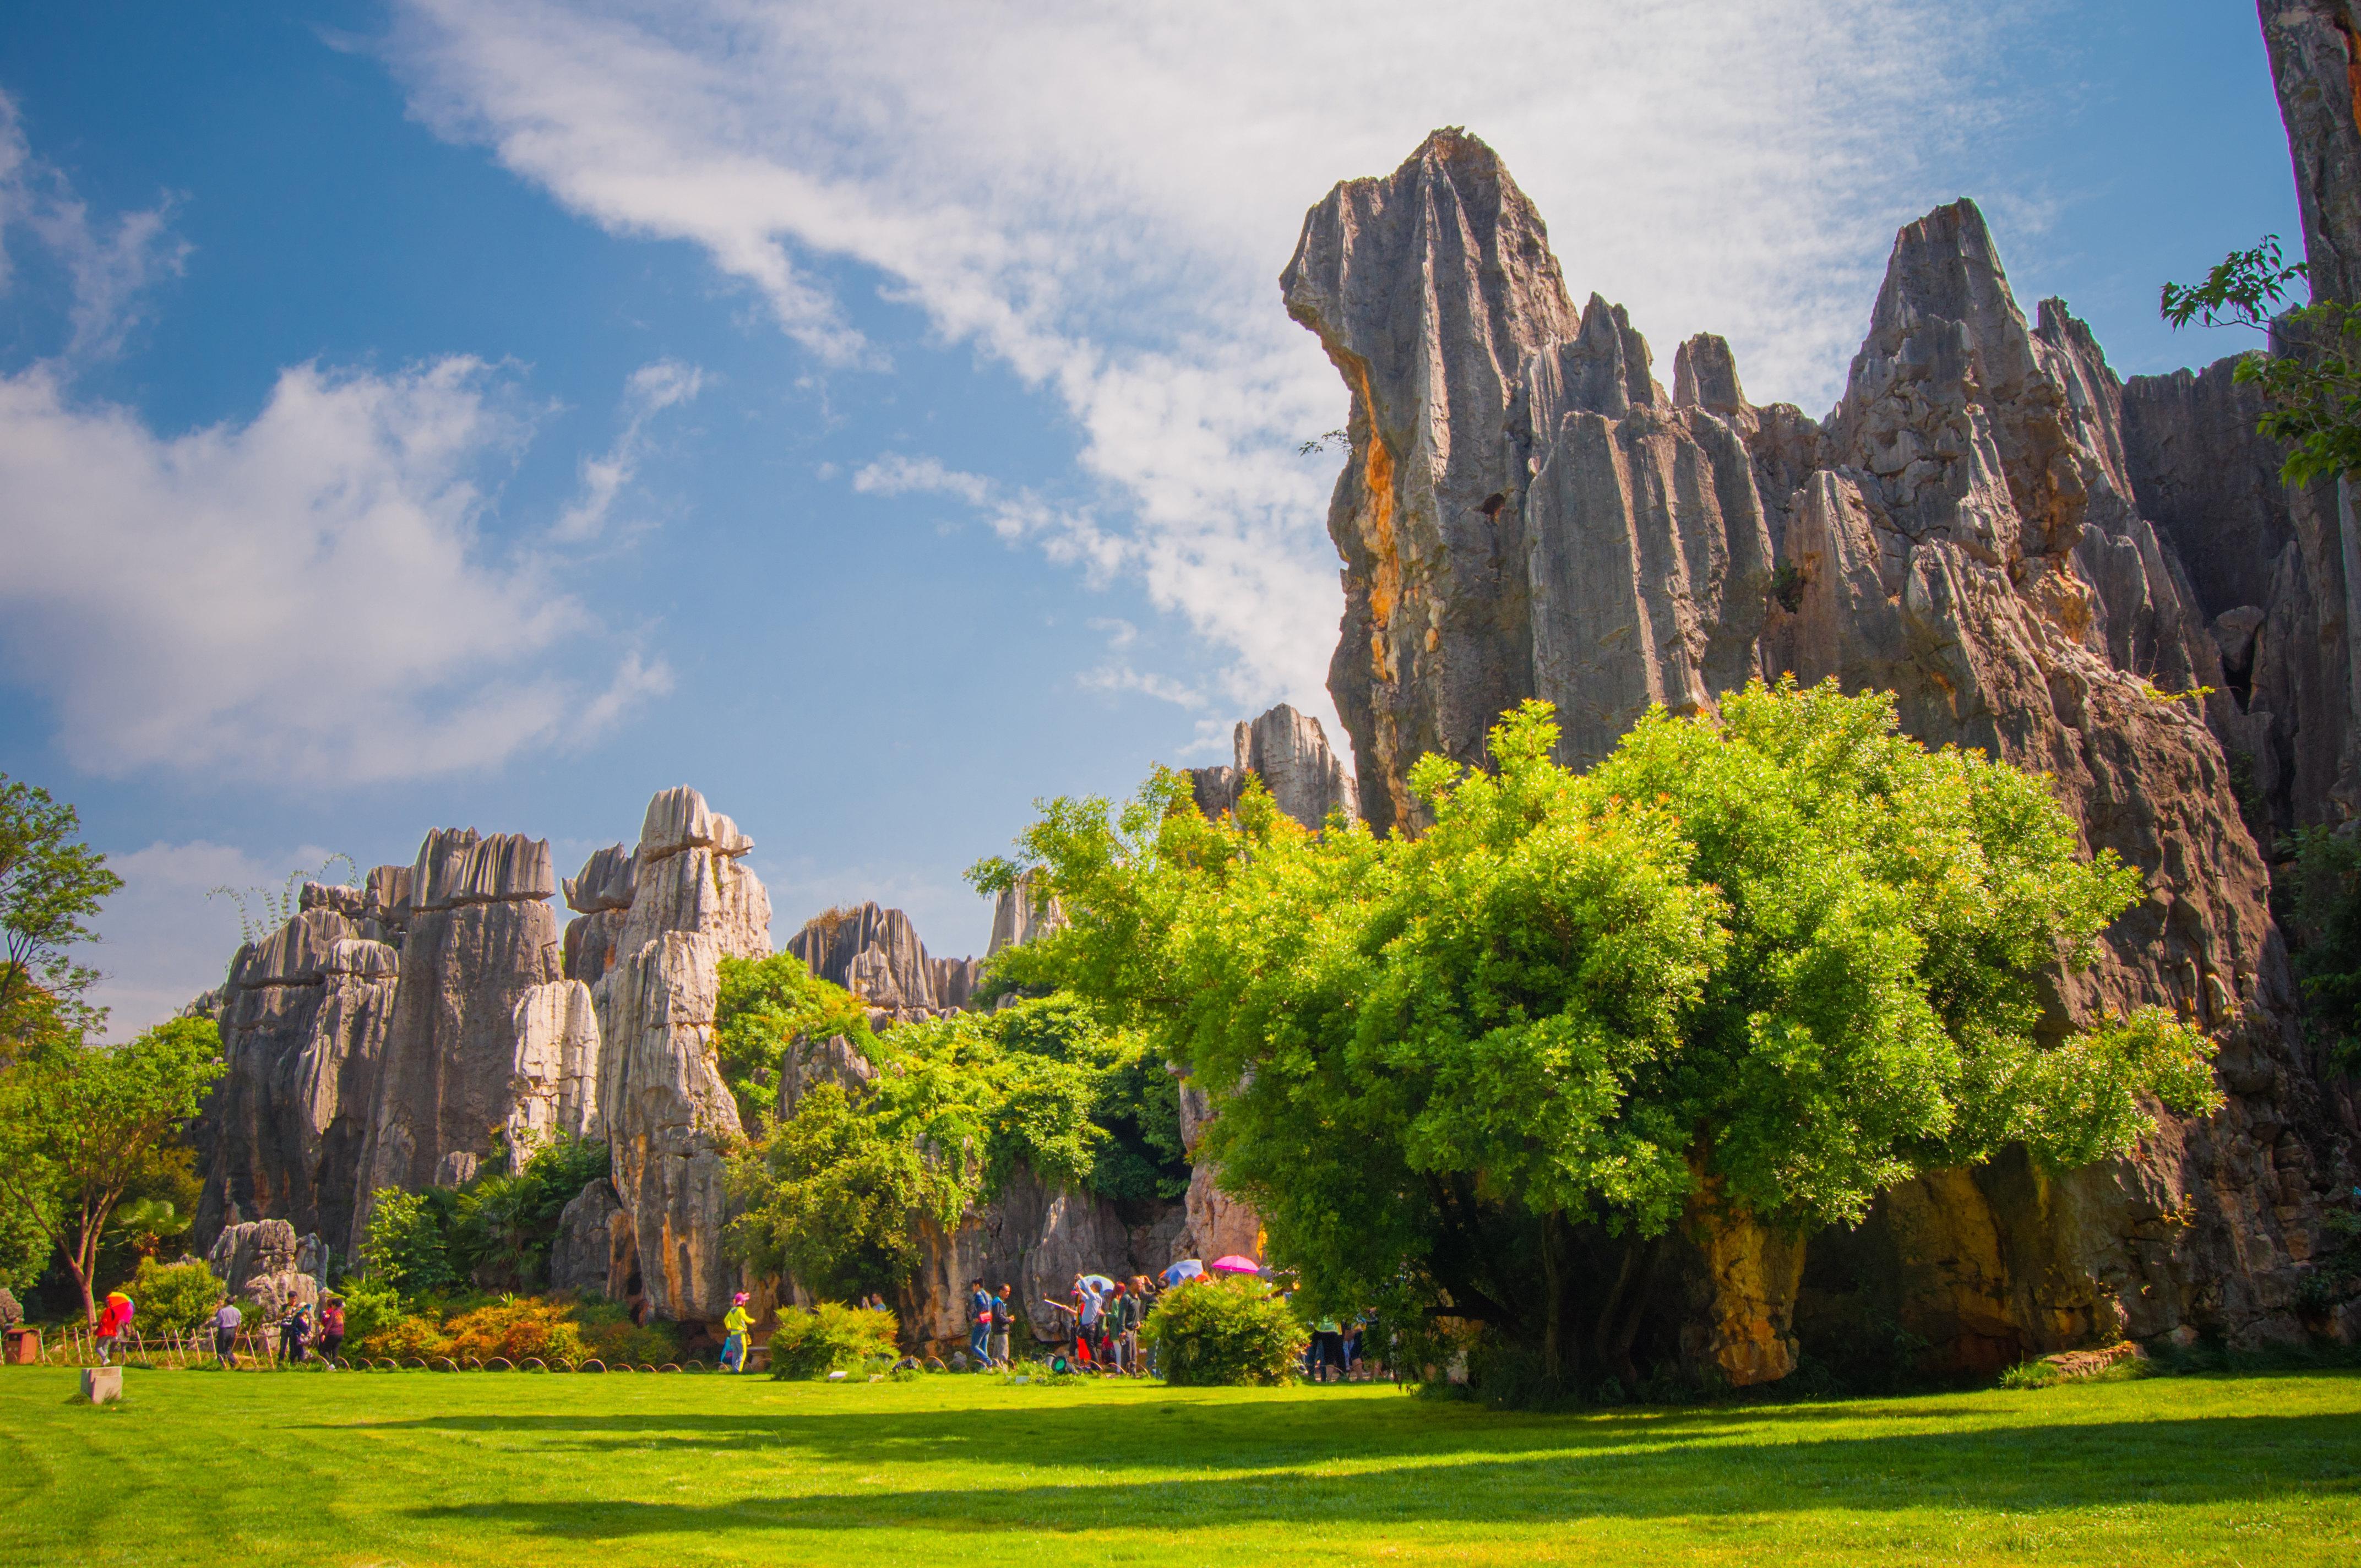 石林风景区范围广袤,山光水色各具特色,石牙,峰丛,溶丘,溶洞,溶蚀湖